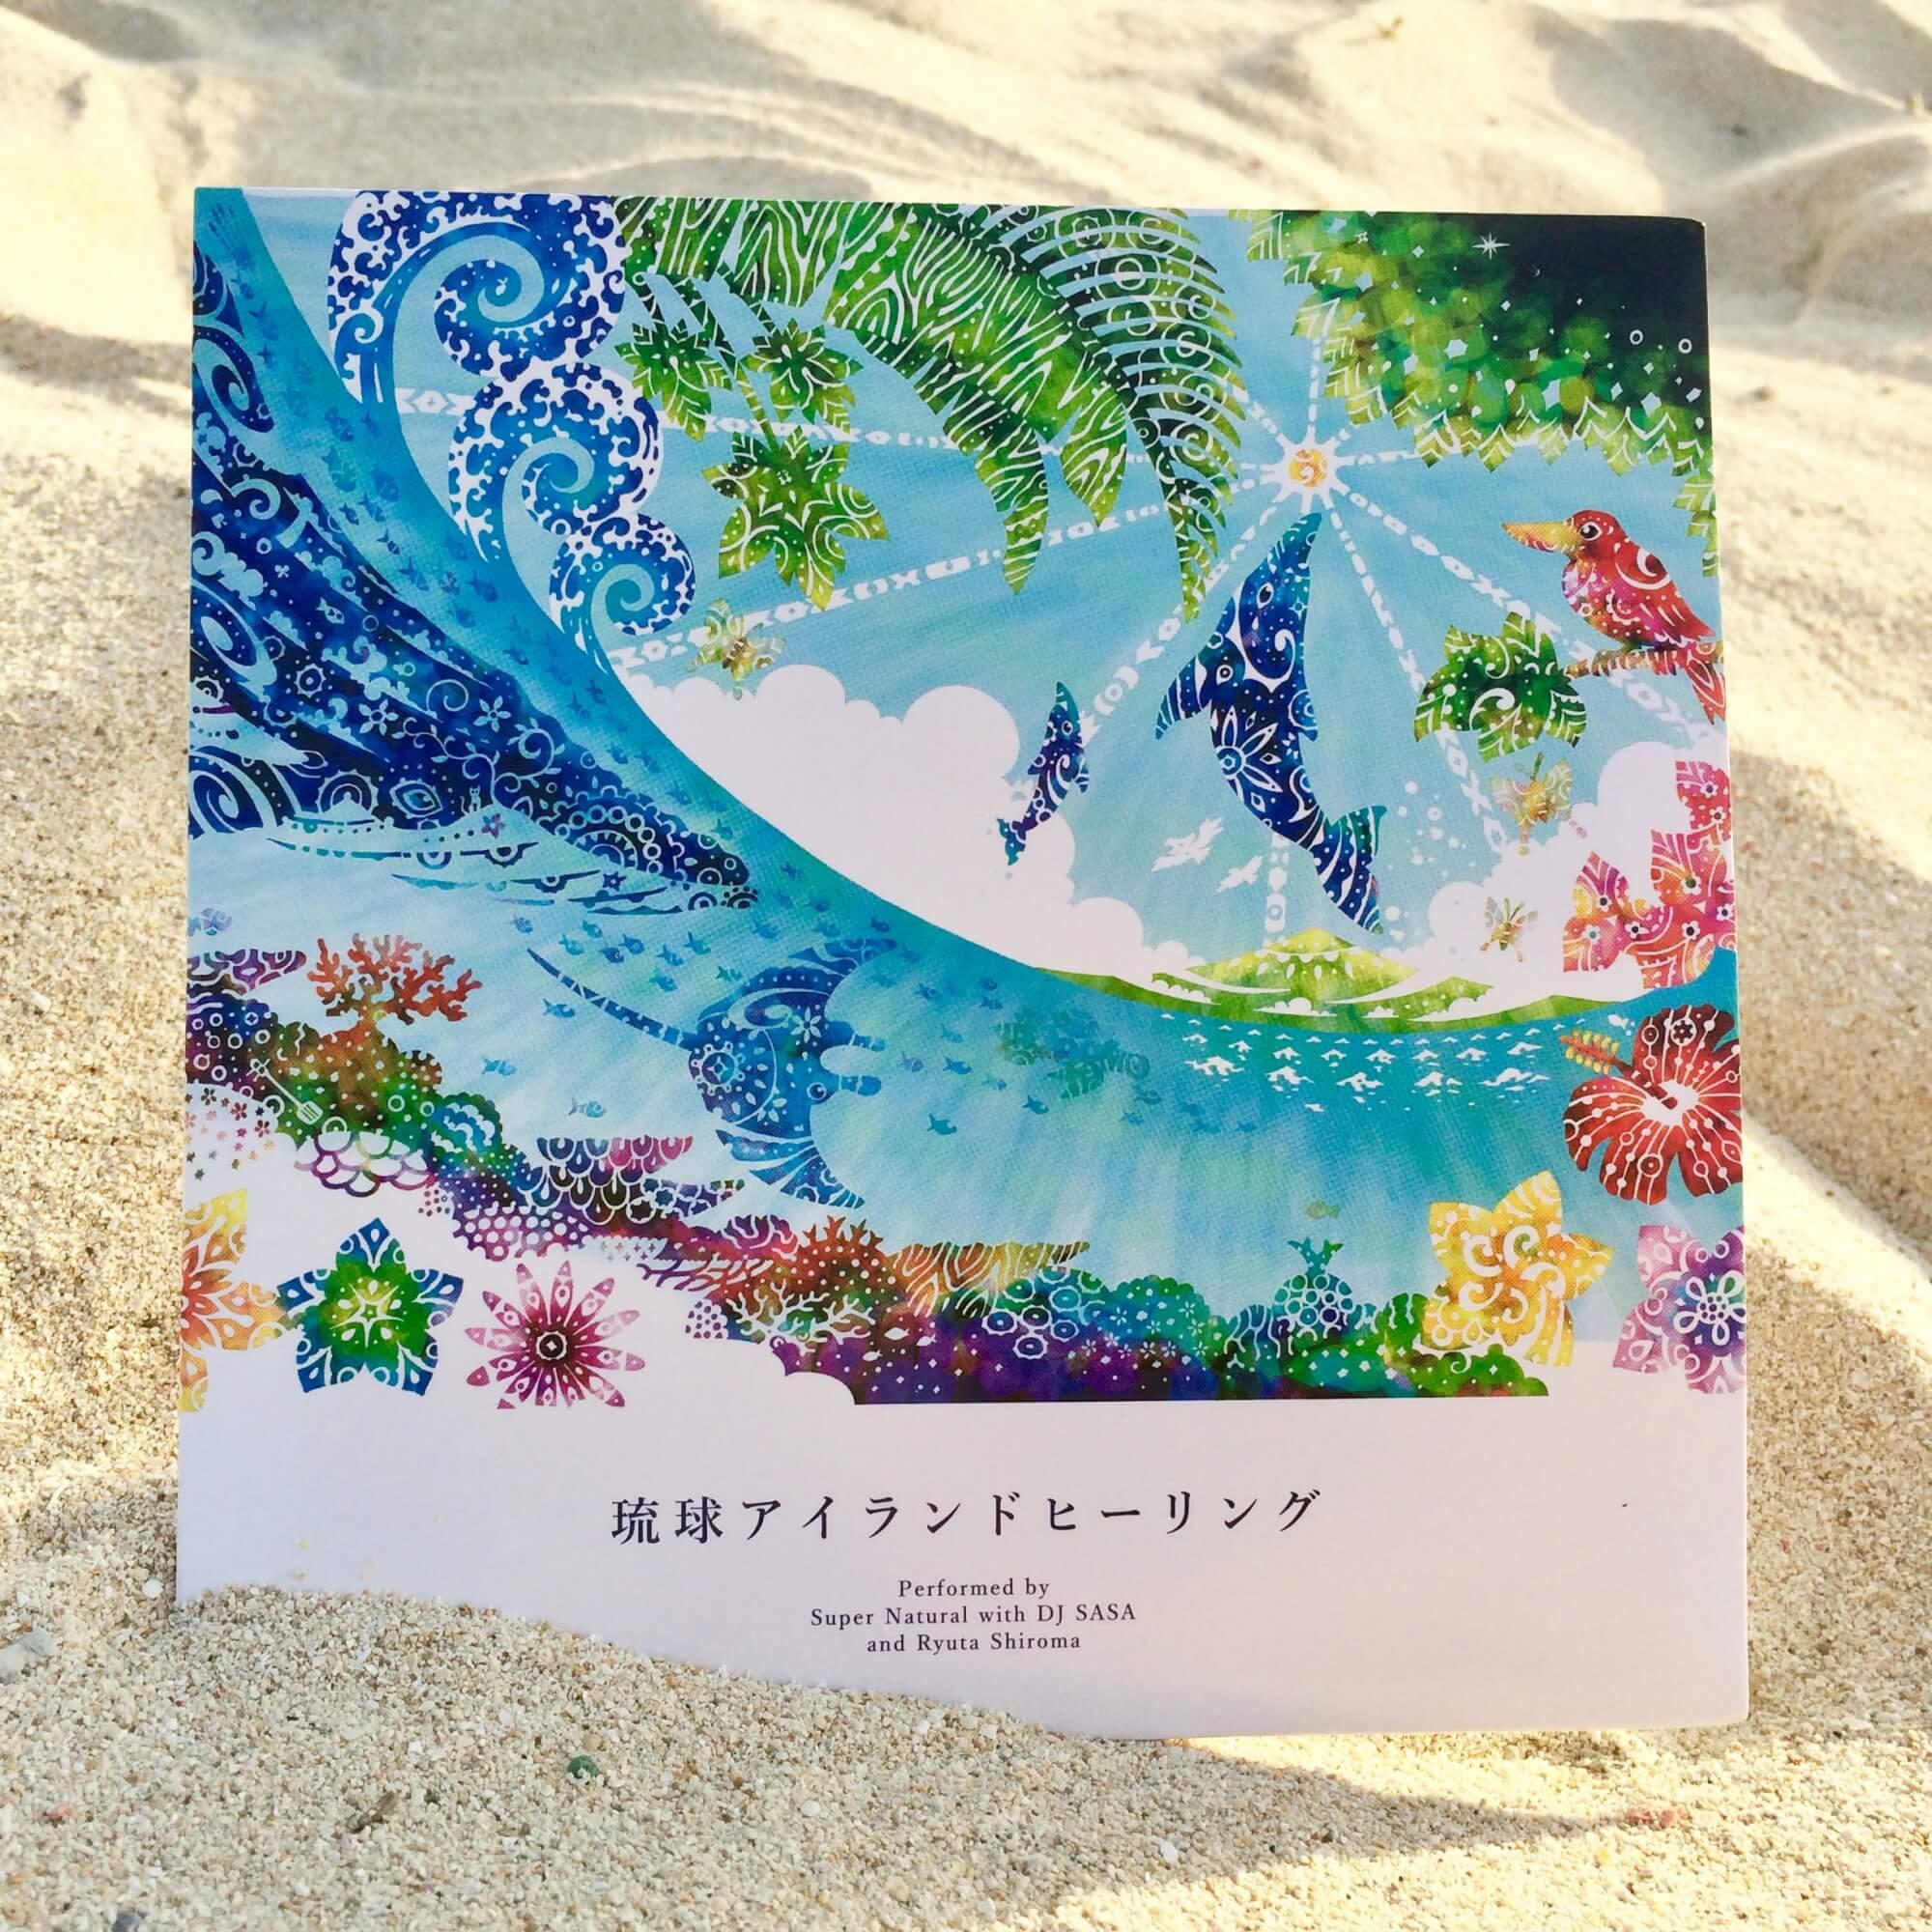 〈CDジャケット〉琉球アイランドヒーリング